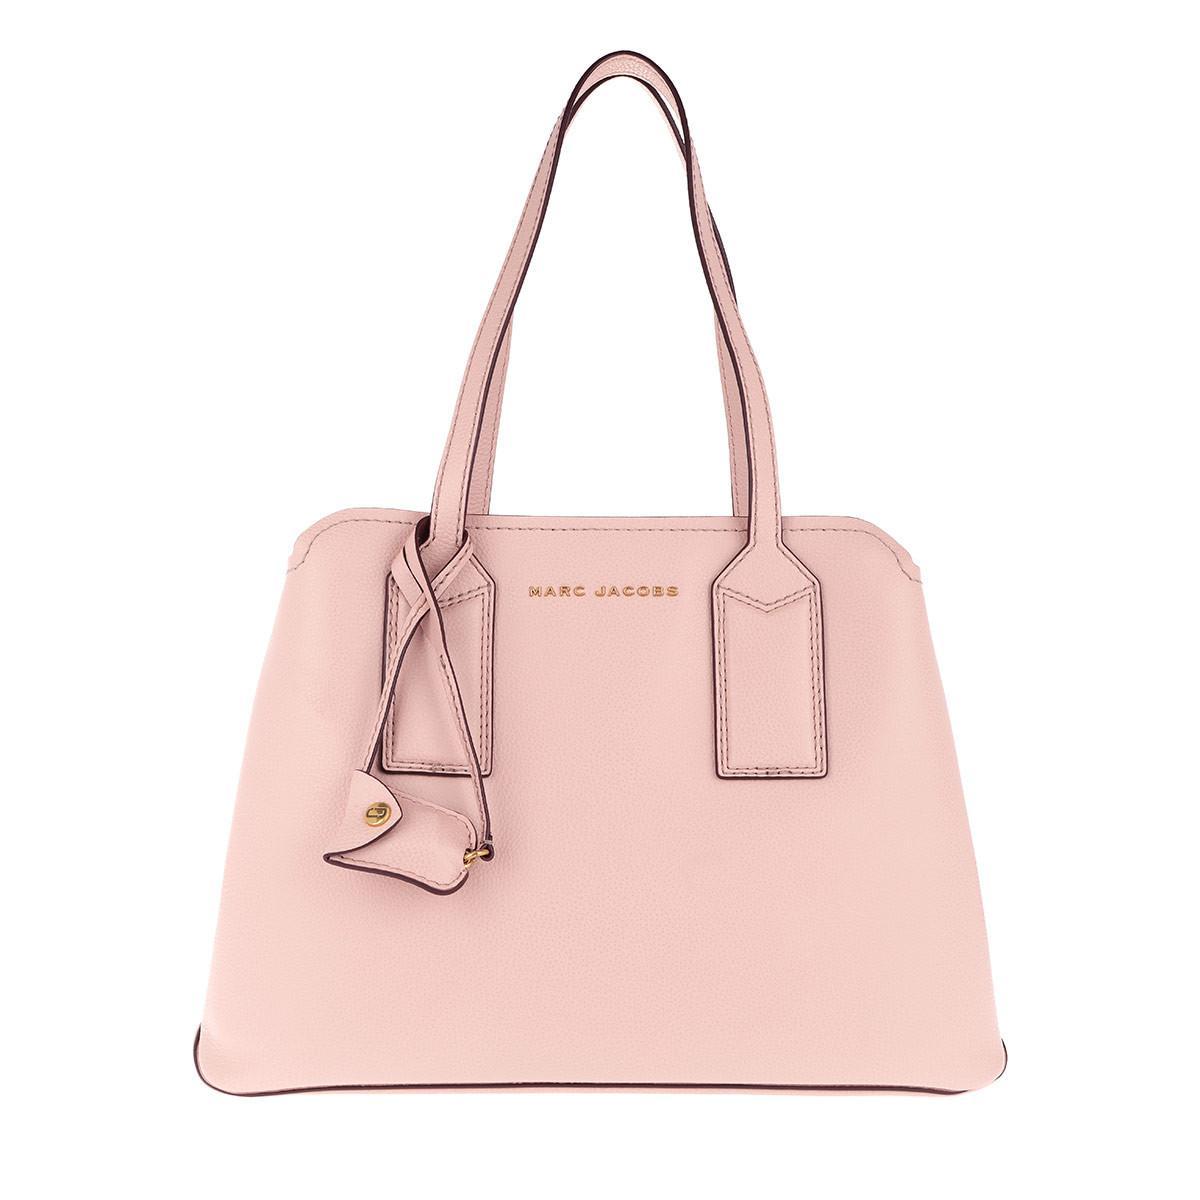 0f59c82a51fd Marc Jacobs Editor Shoulder Bag Rose in Pink - Lyst